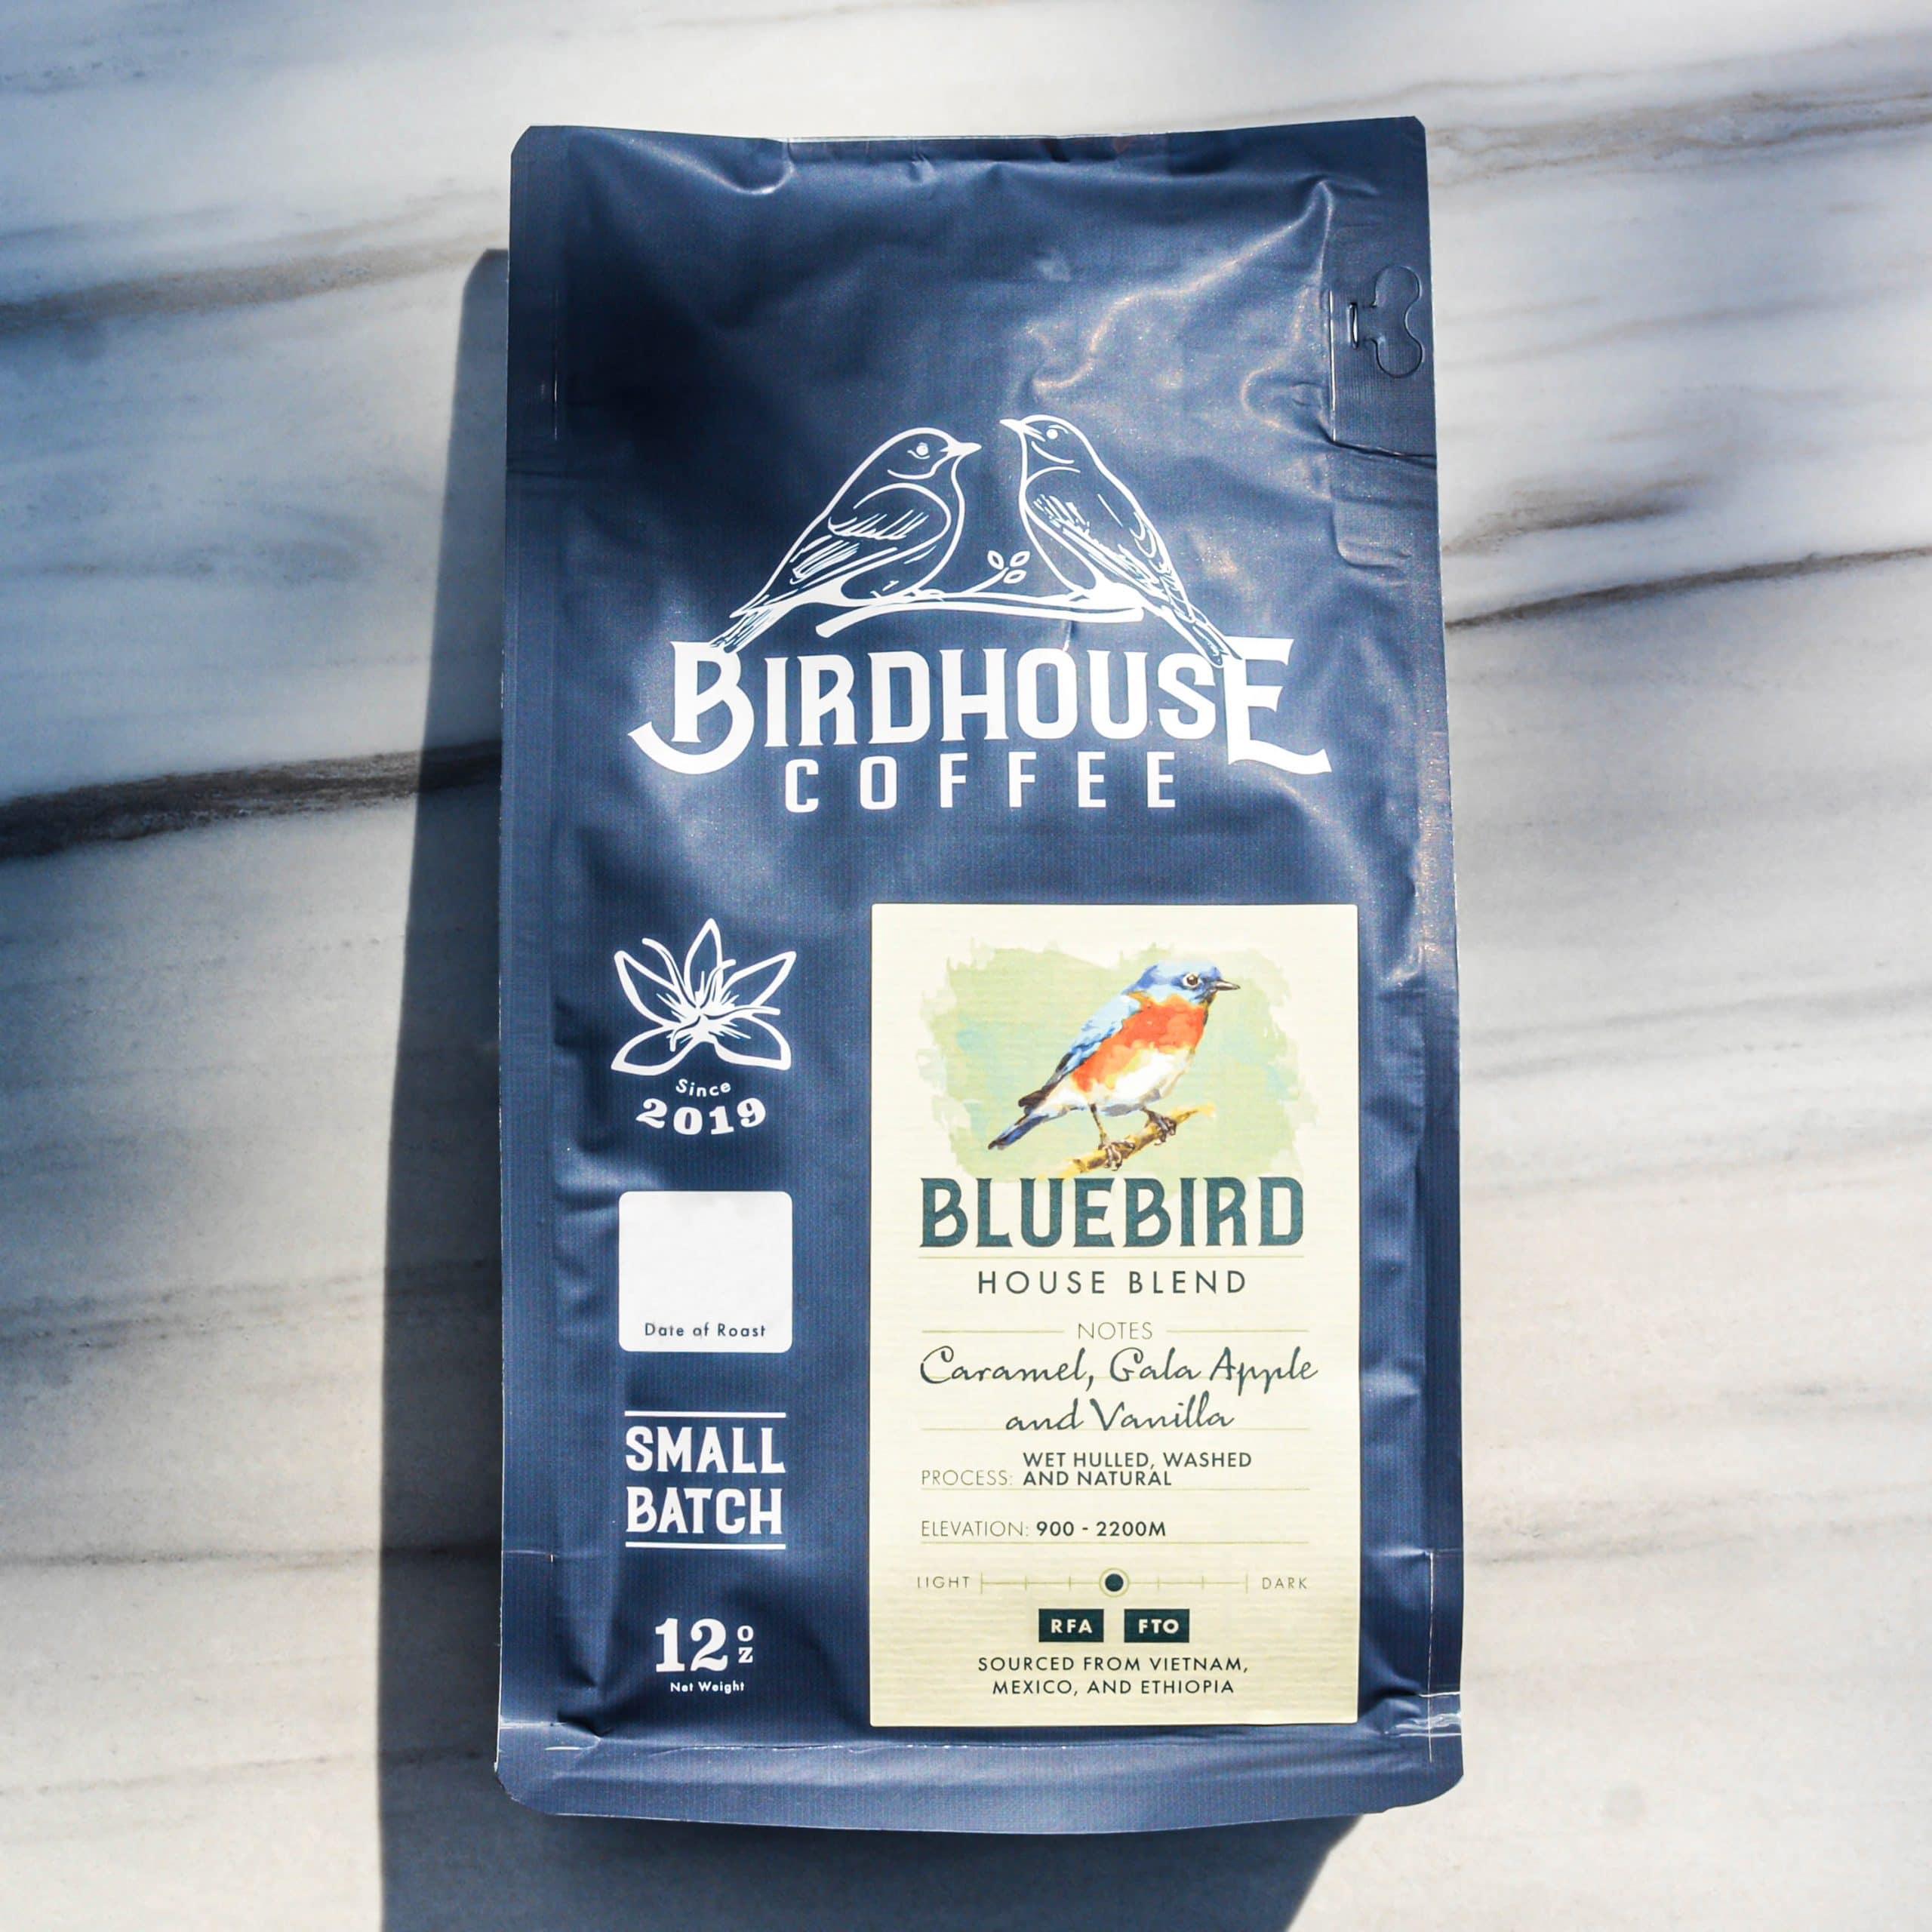 Bluebird – House Blend